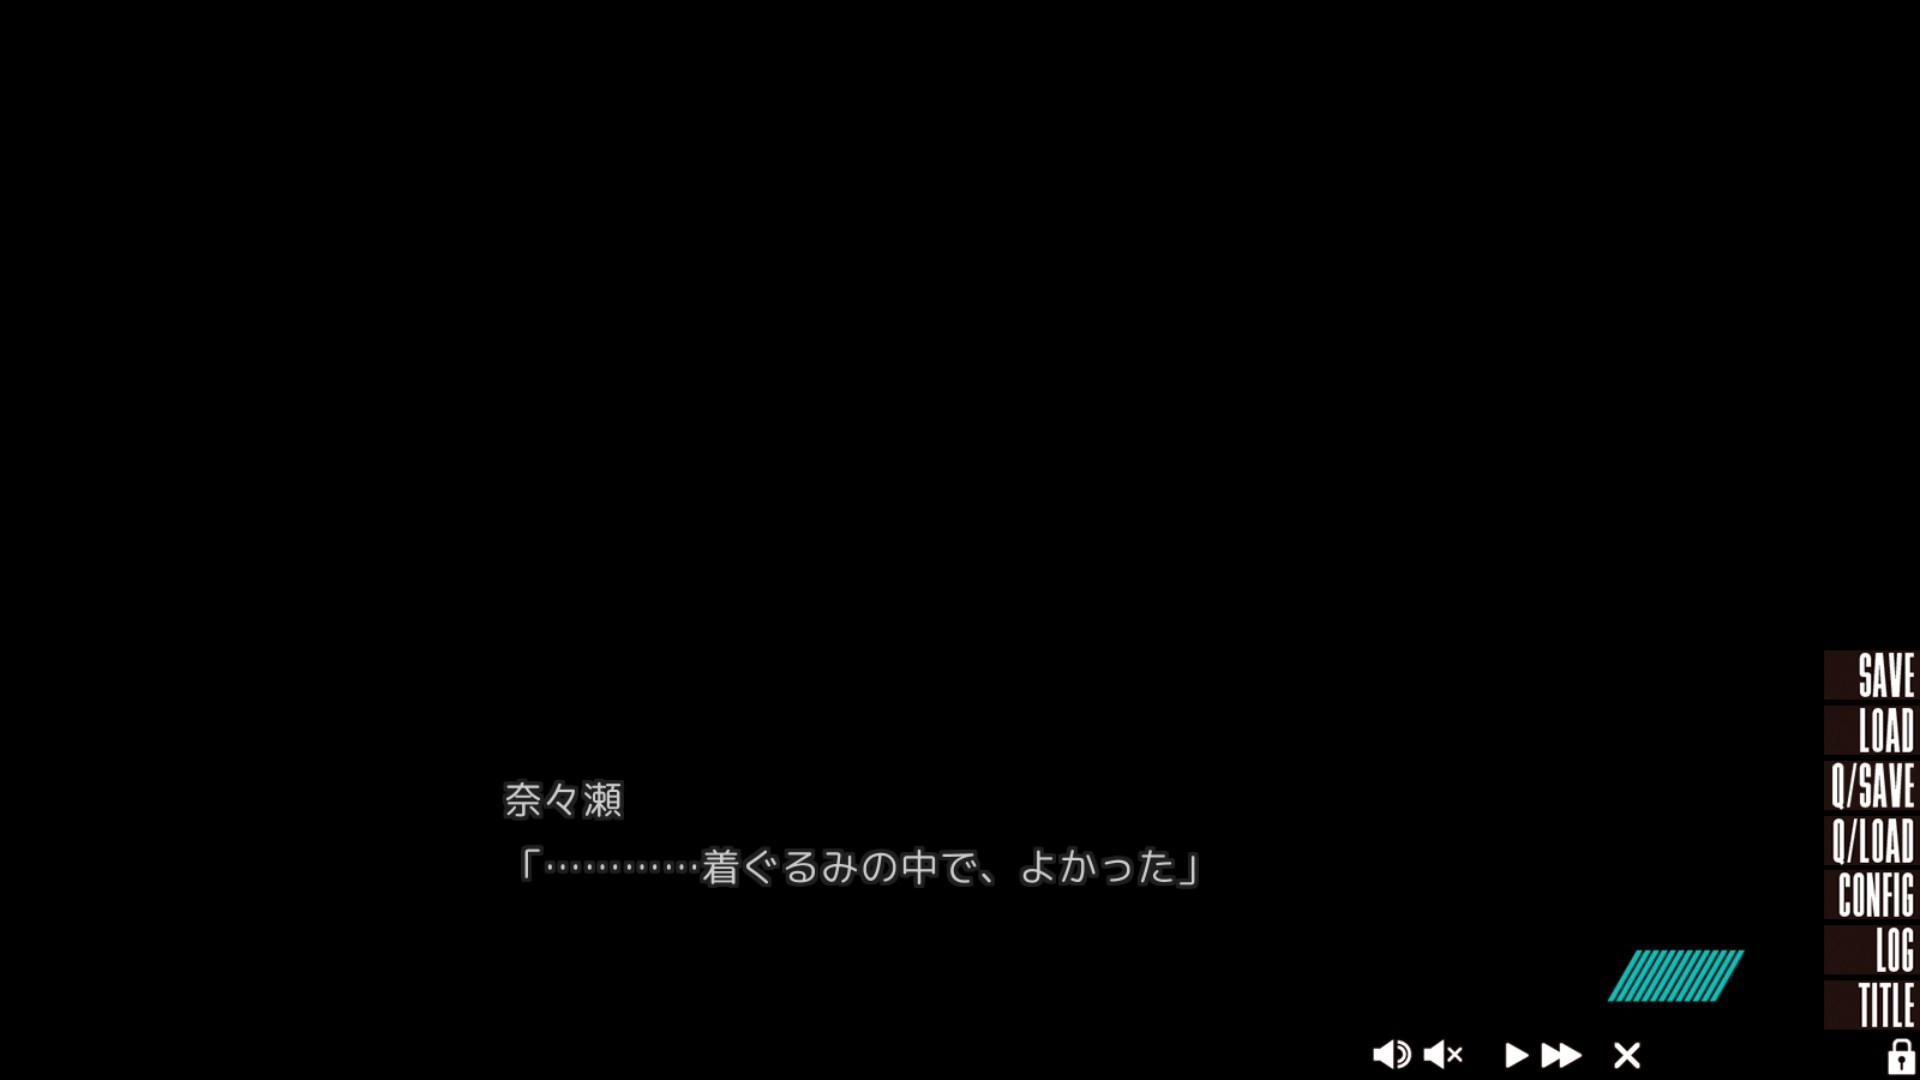 20190806194729_1.jpg